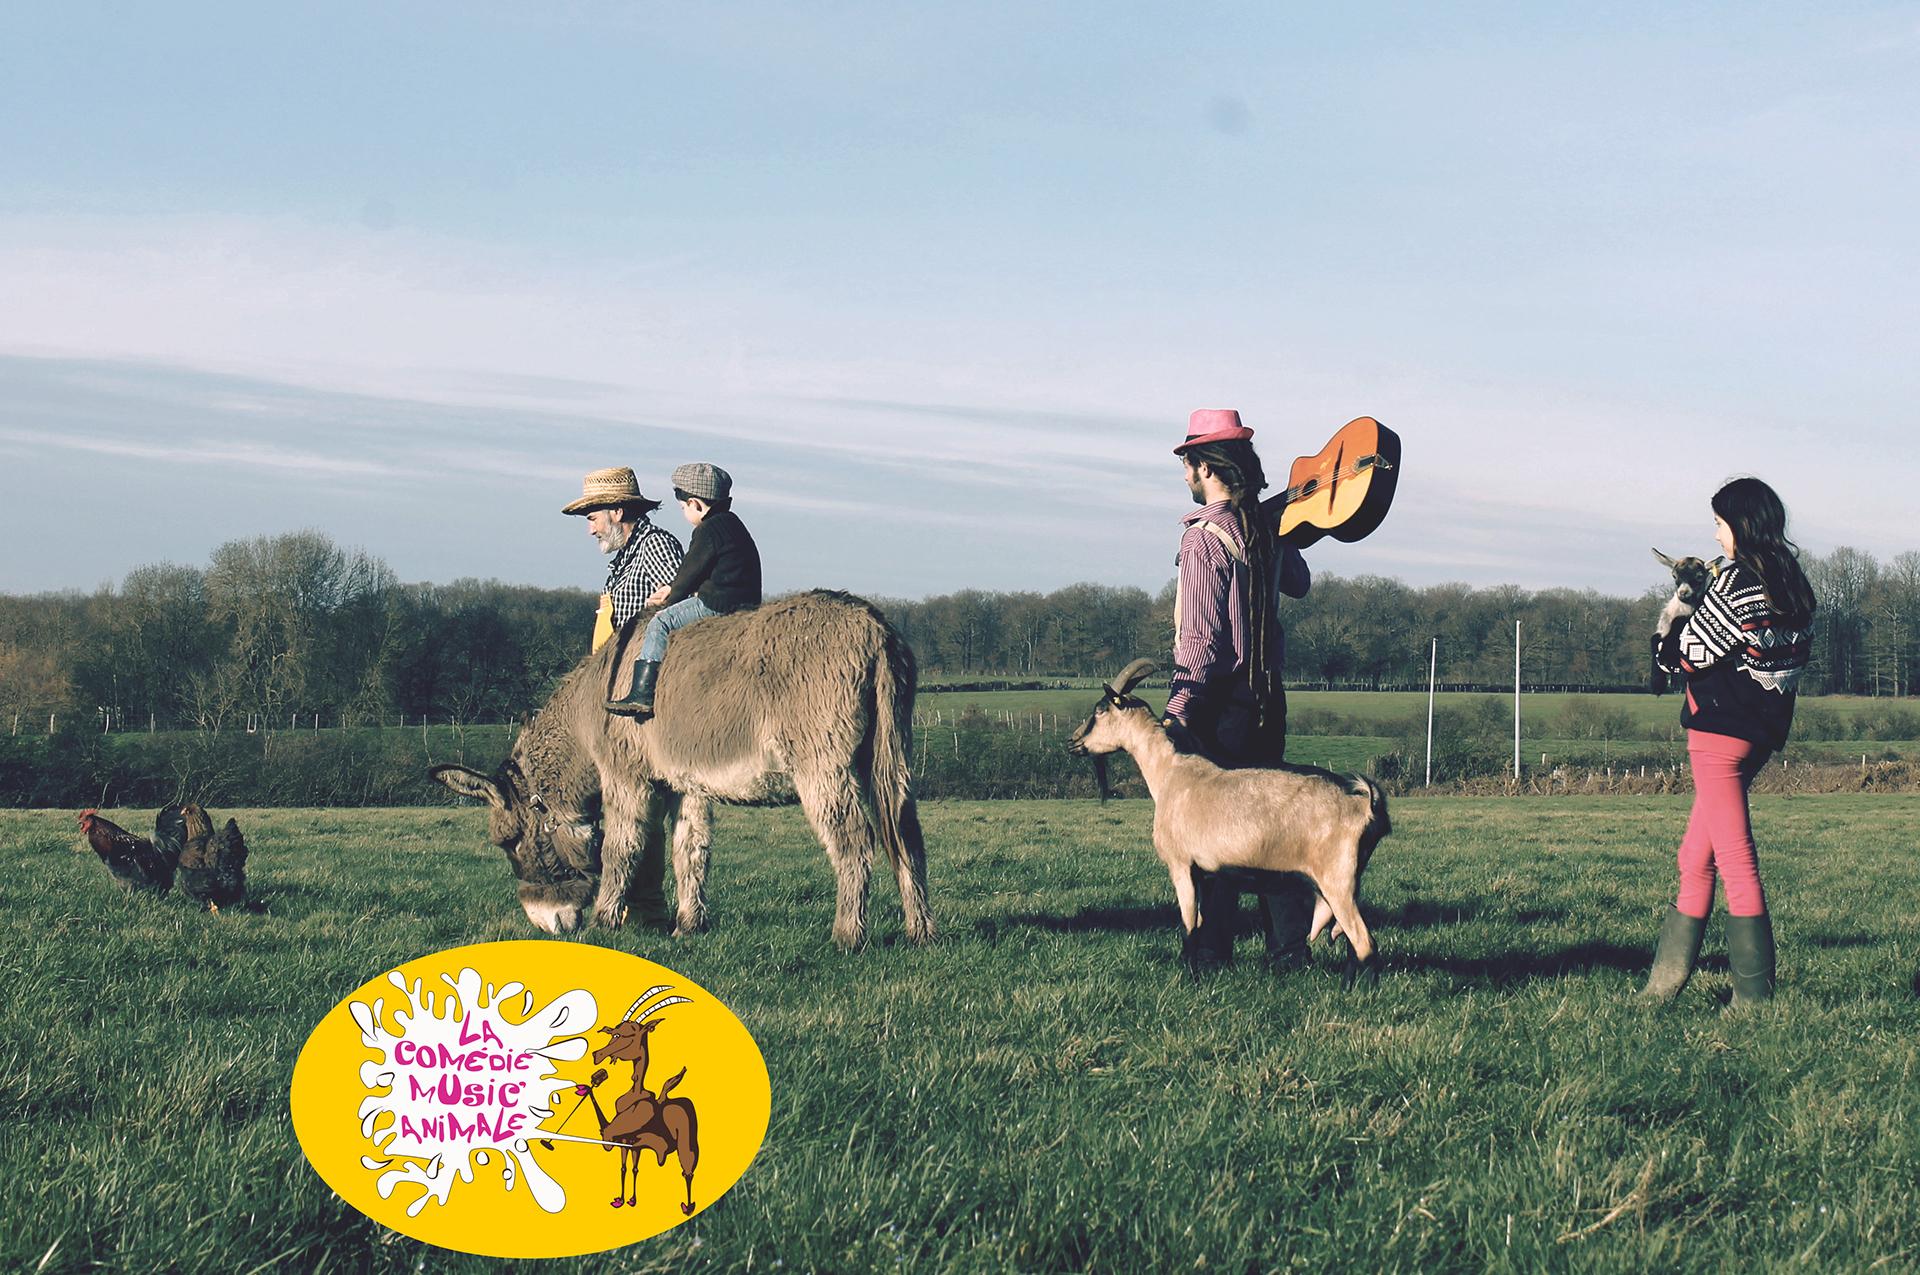 Un fermier, un musicien, deux enfants et des animaux se promènent dans un champ